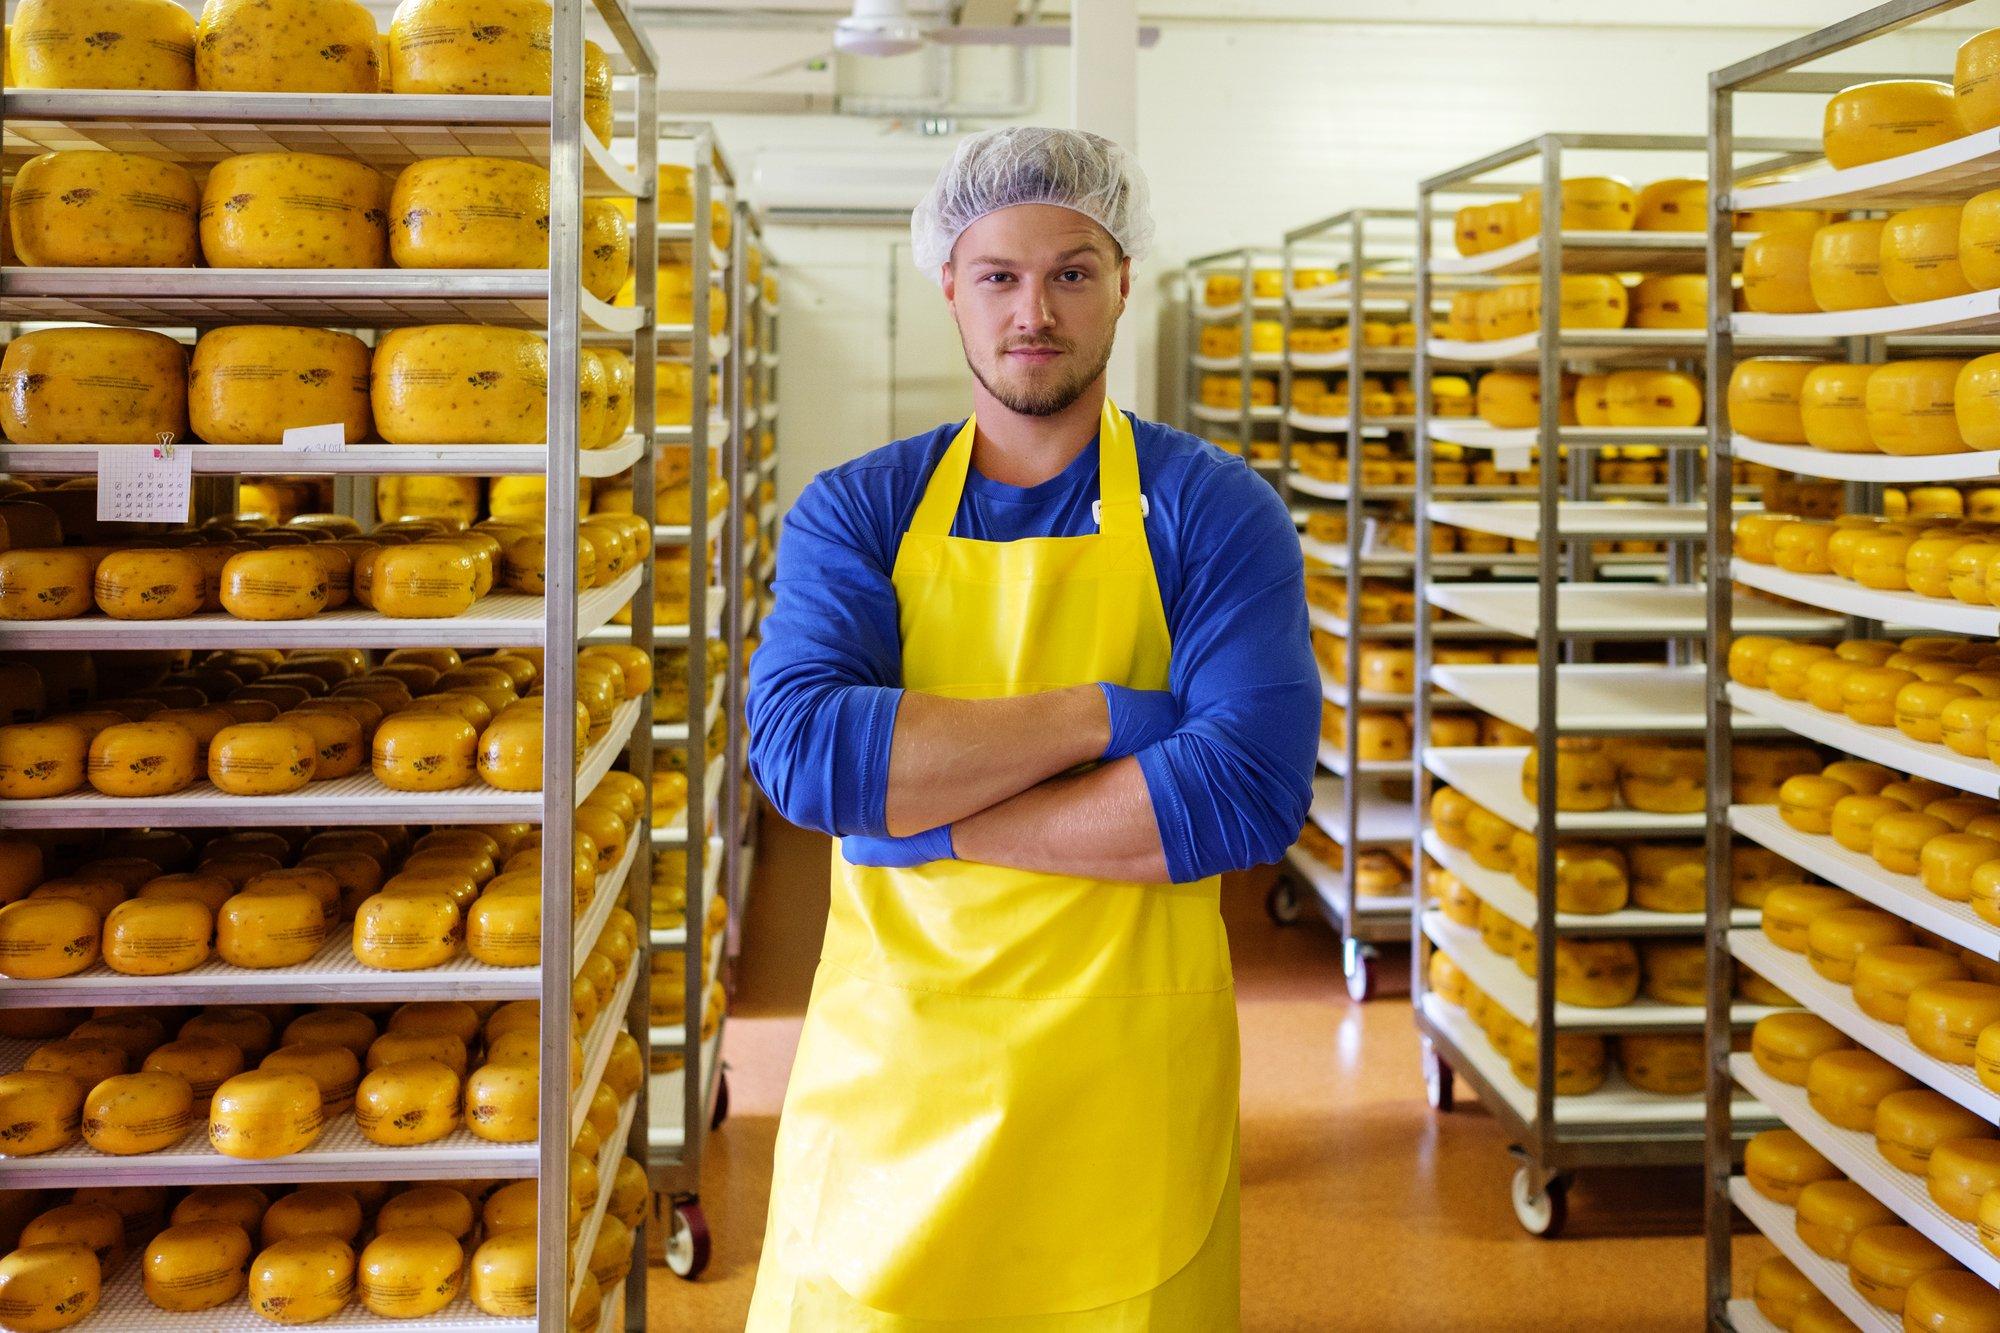 depositphotos 152887144 l 2015.jpg?resize=412,232 - Vous aimez le fromage? Cette compagnie cherche à vous recruter!